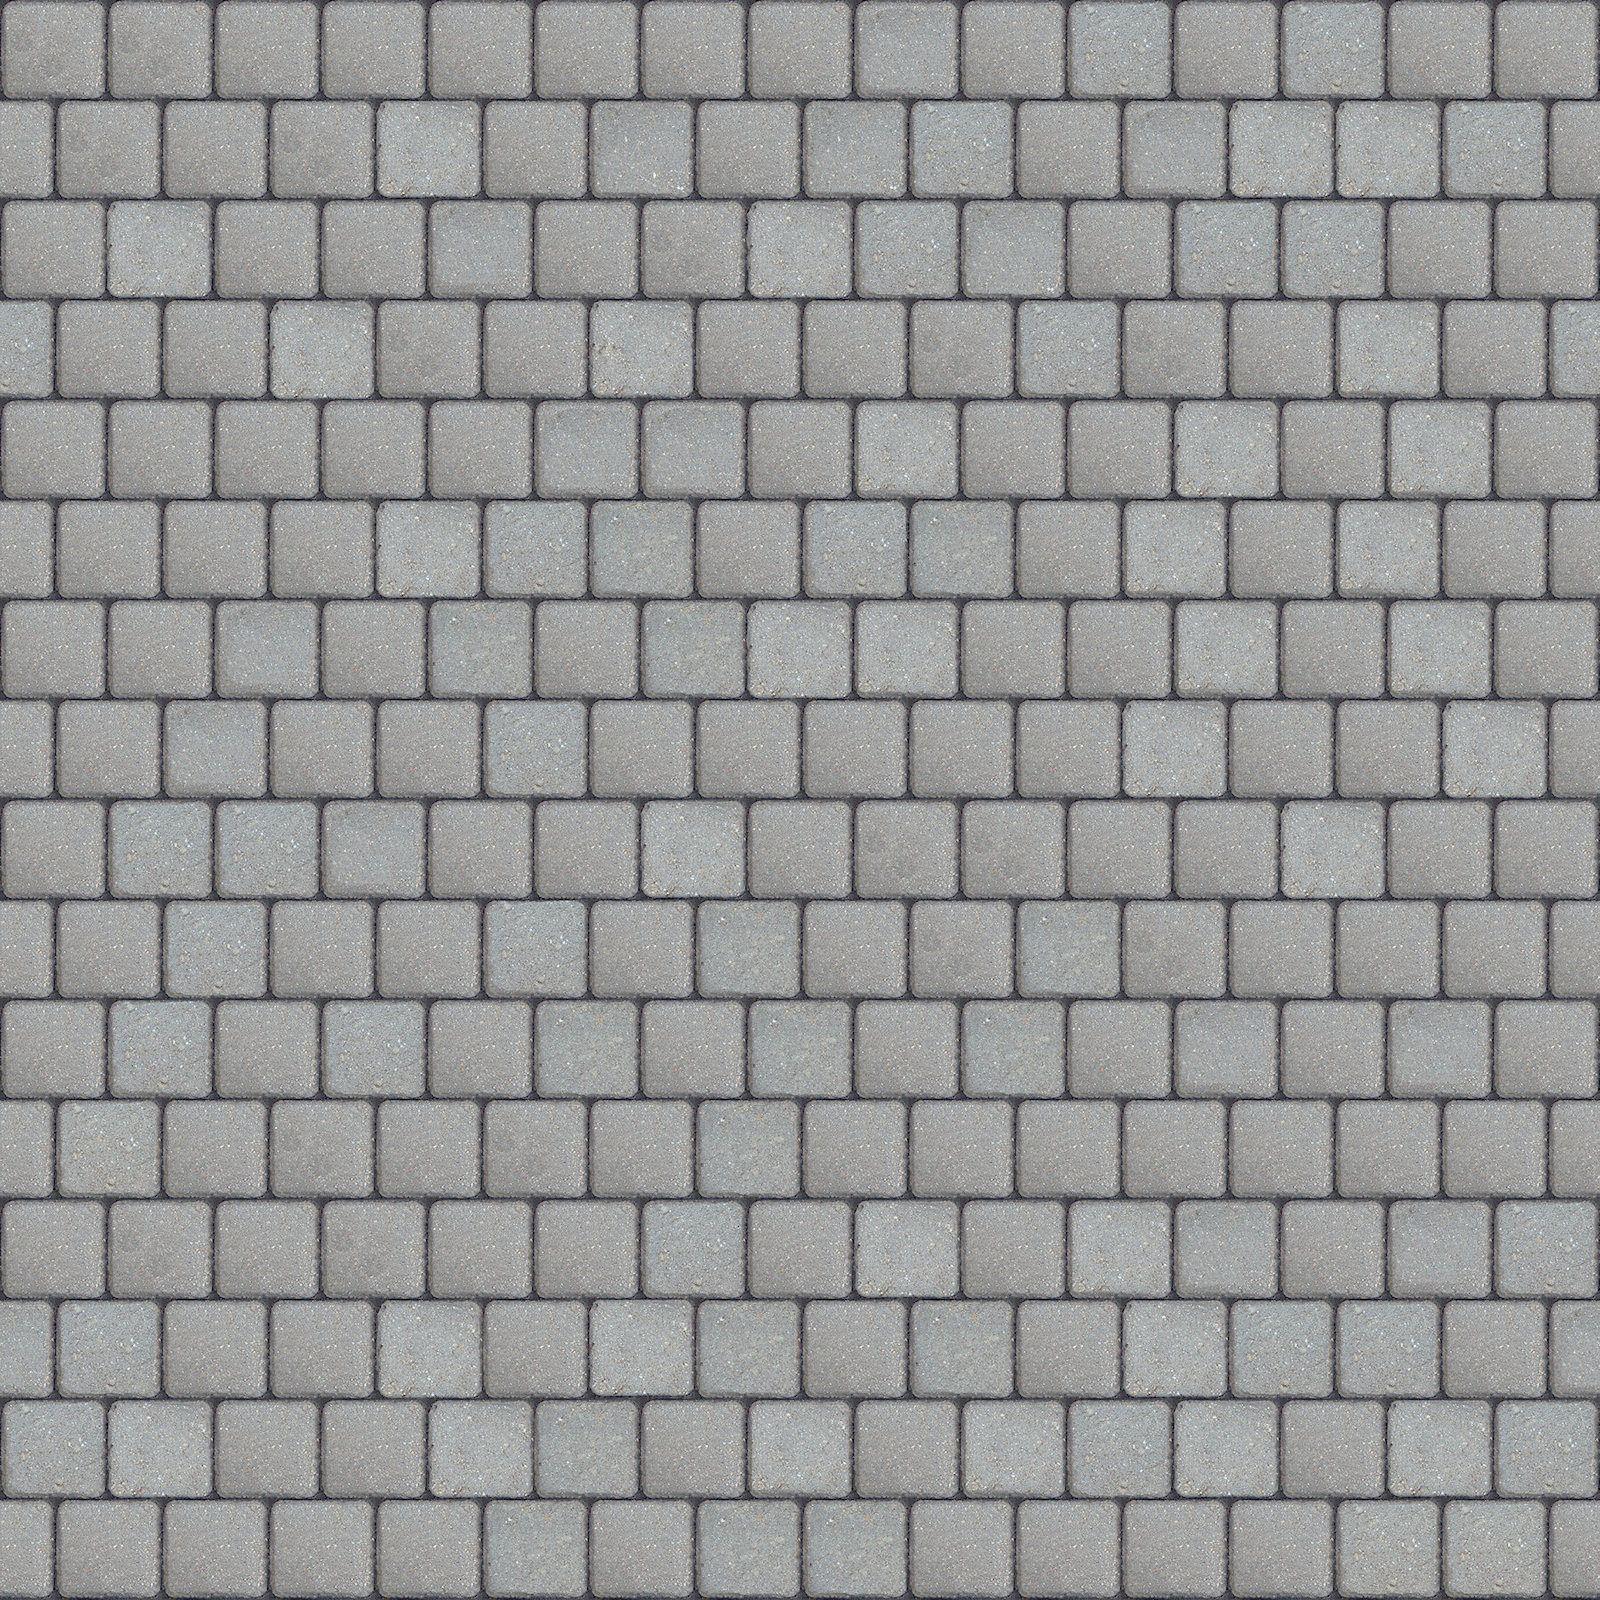 concrete Paver Texture Texture Pinterest